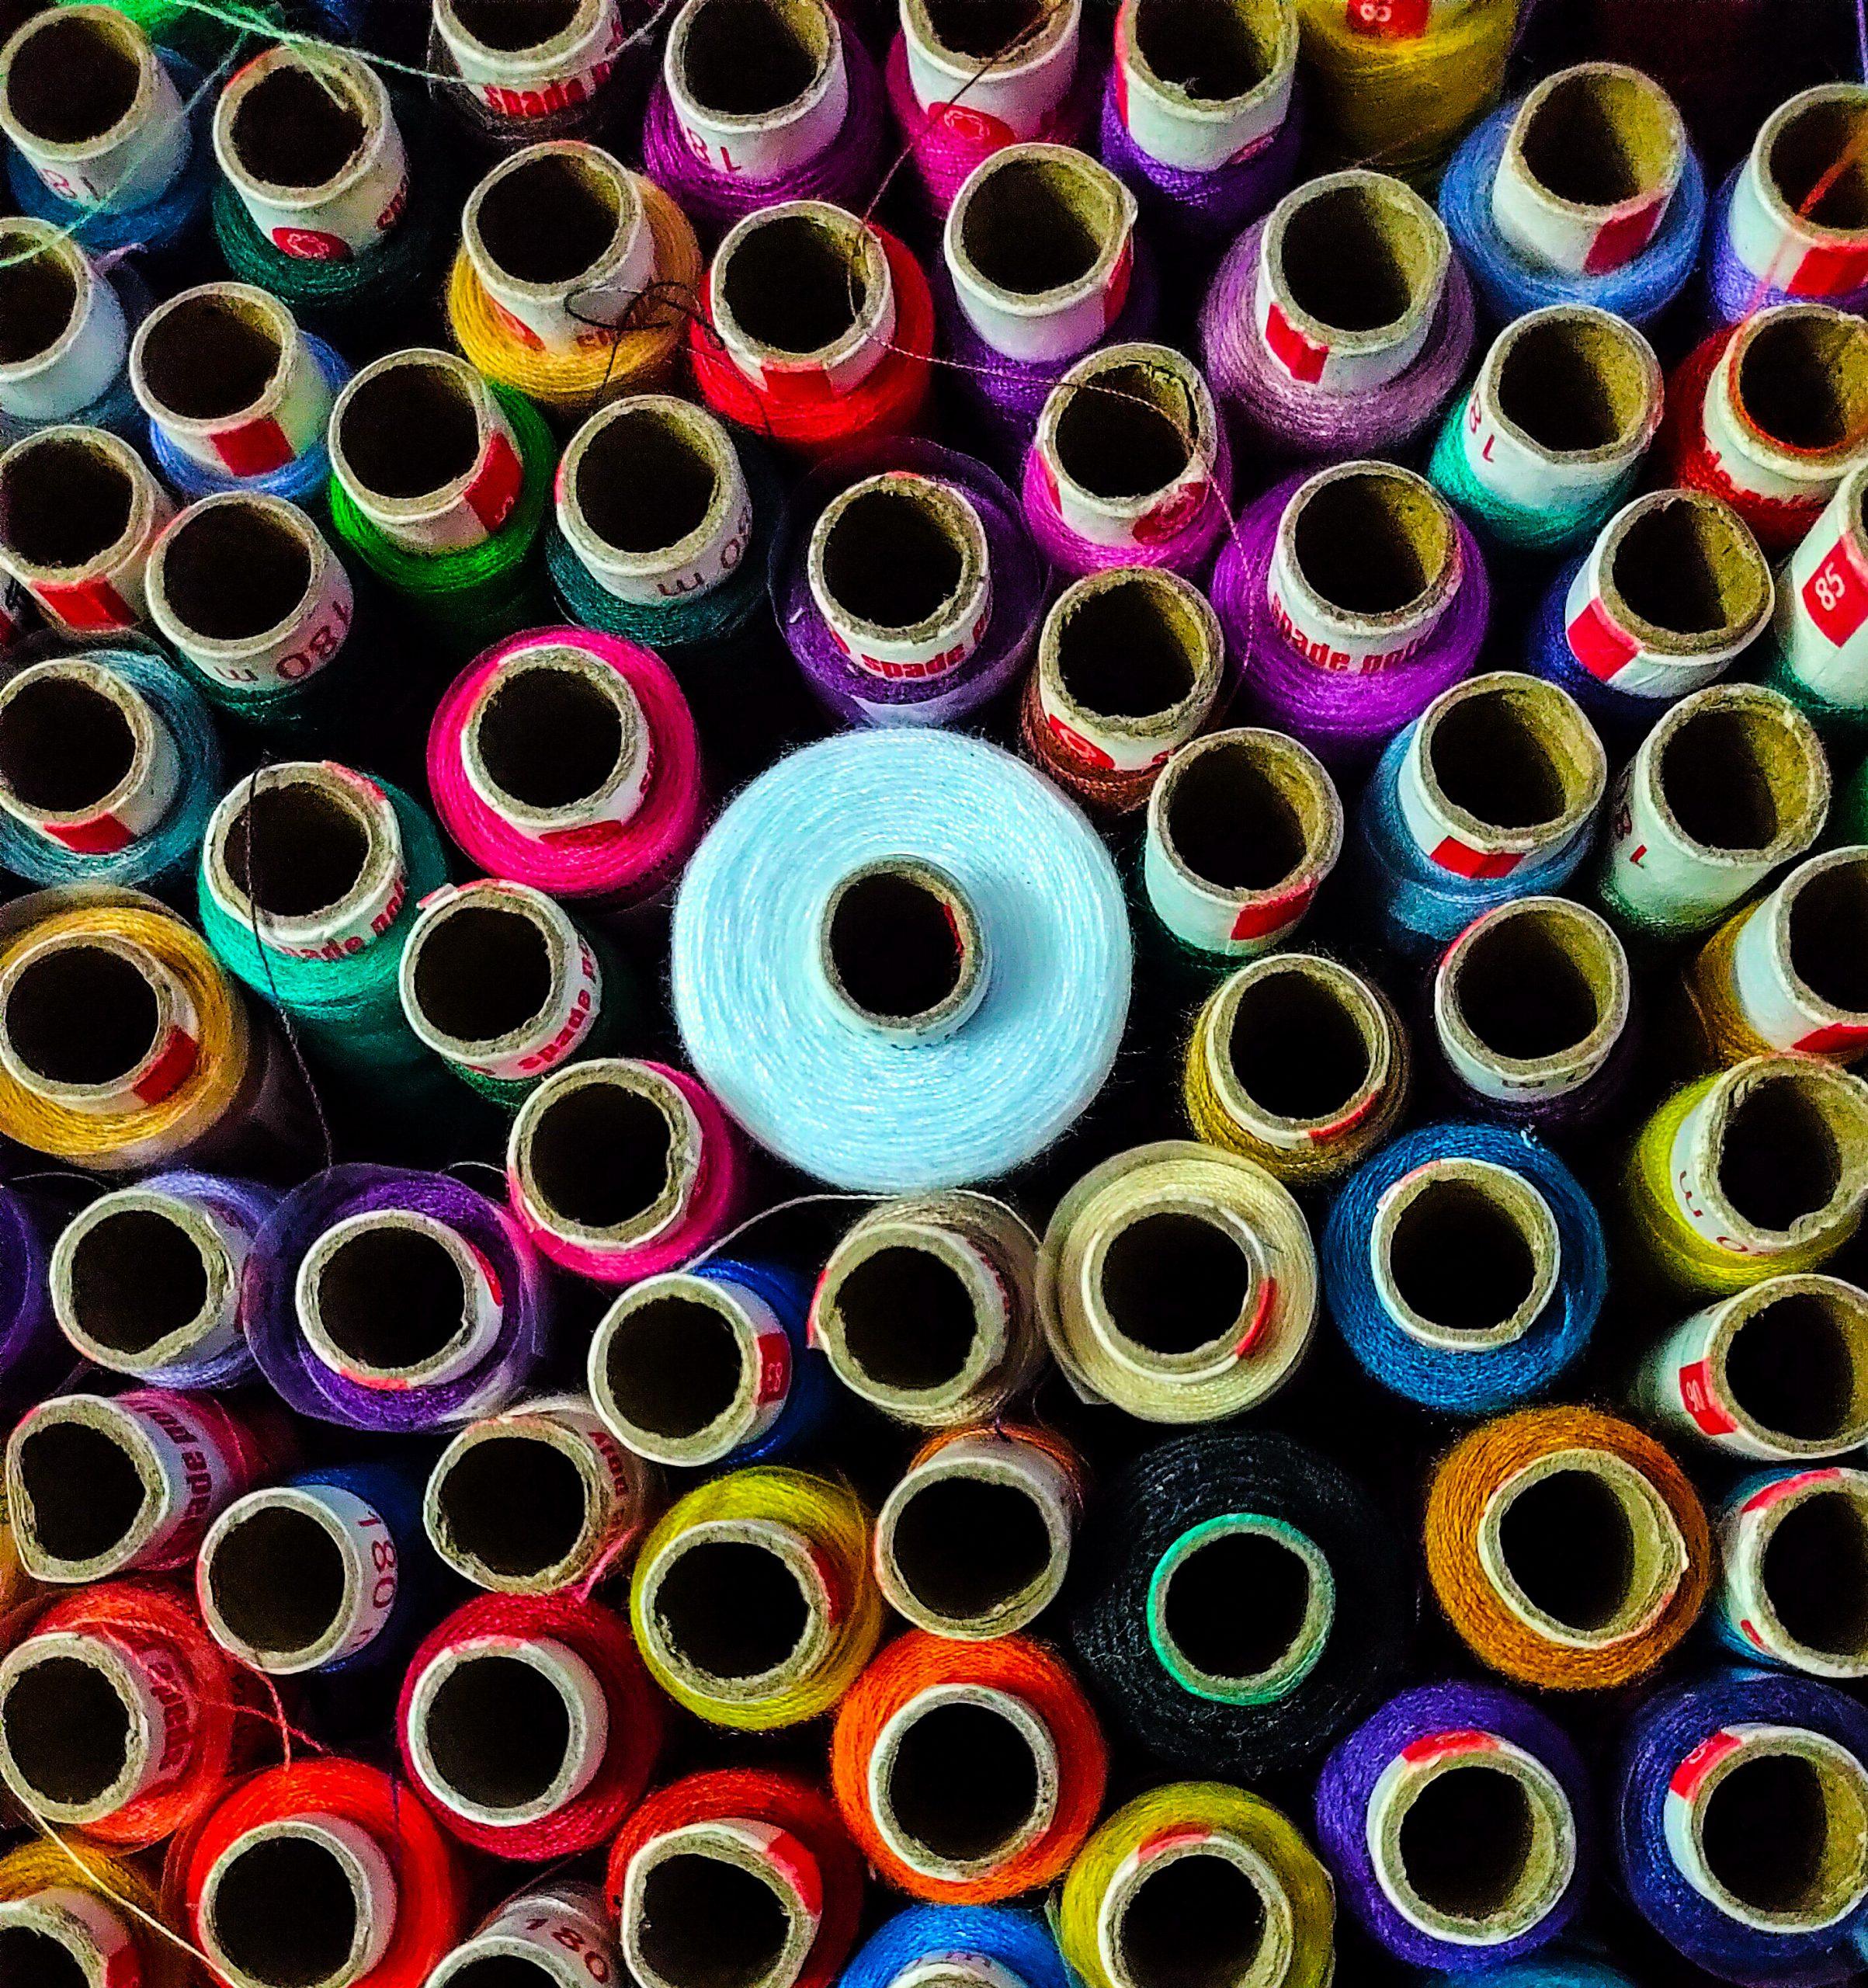 colorful thread rolls